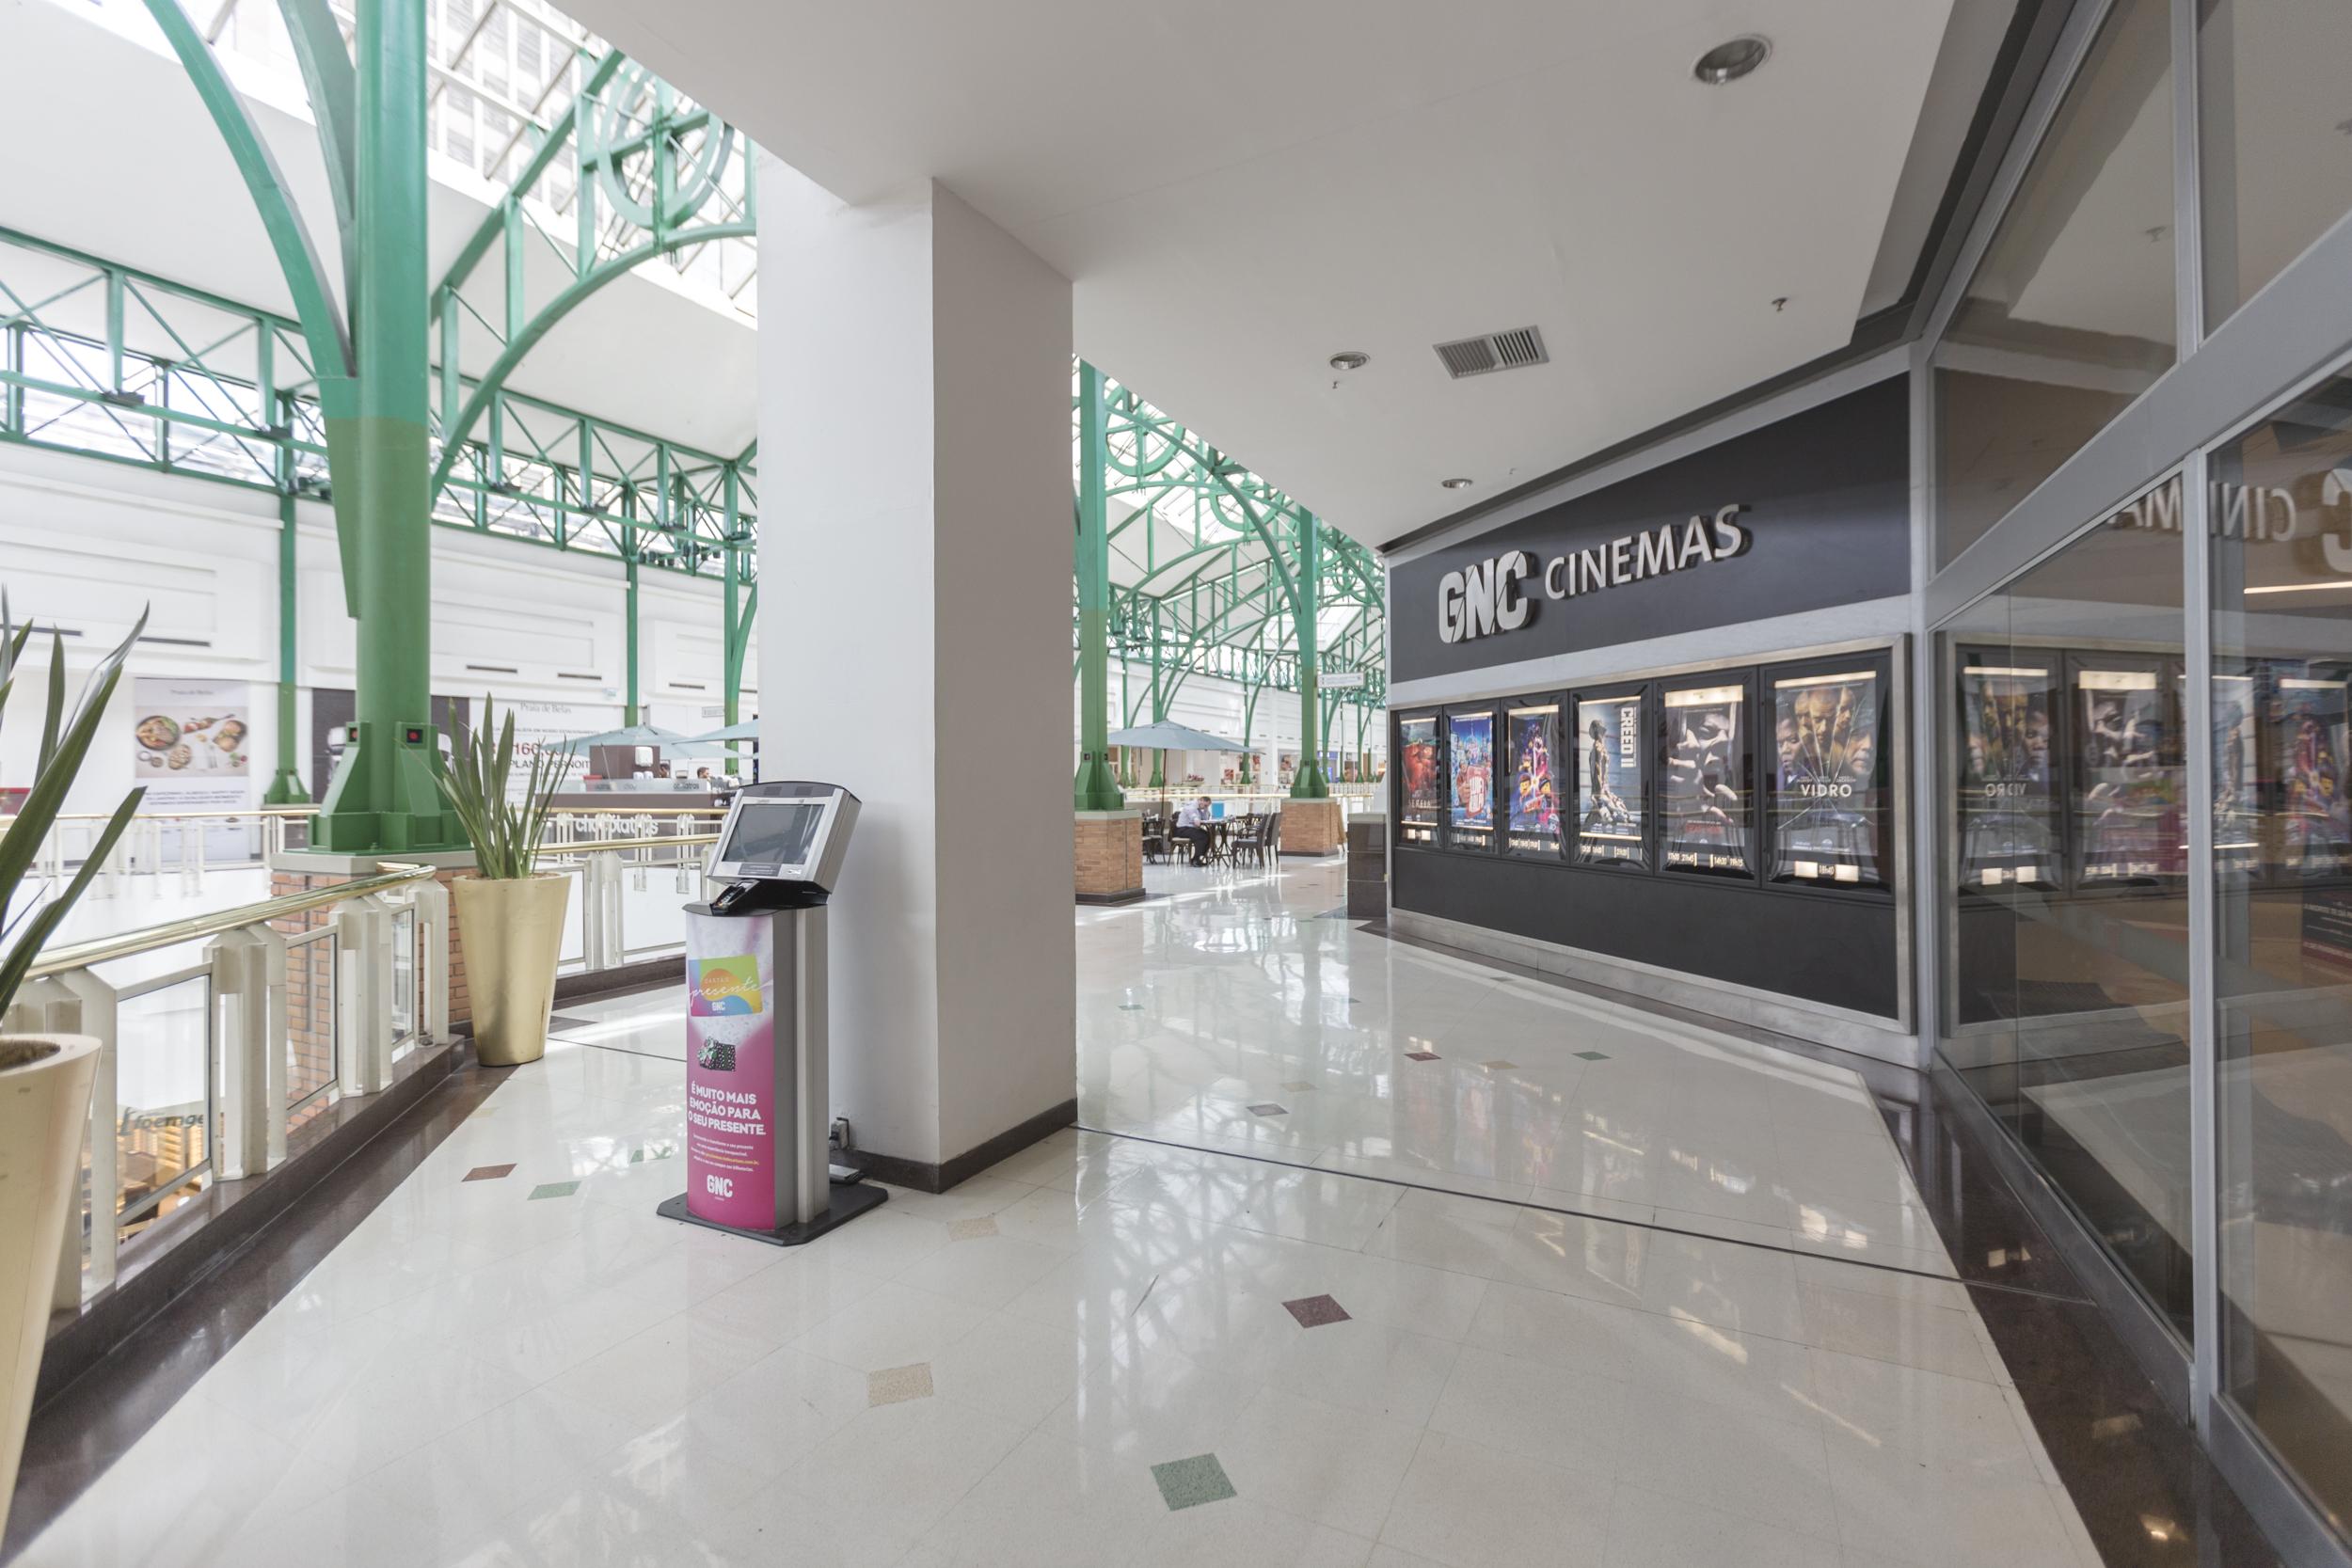 Gnc cinemas praia de belas   divulga%c3%a7%c3%a3o